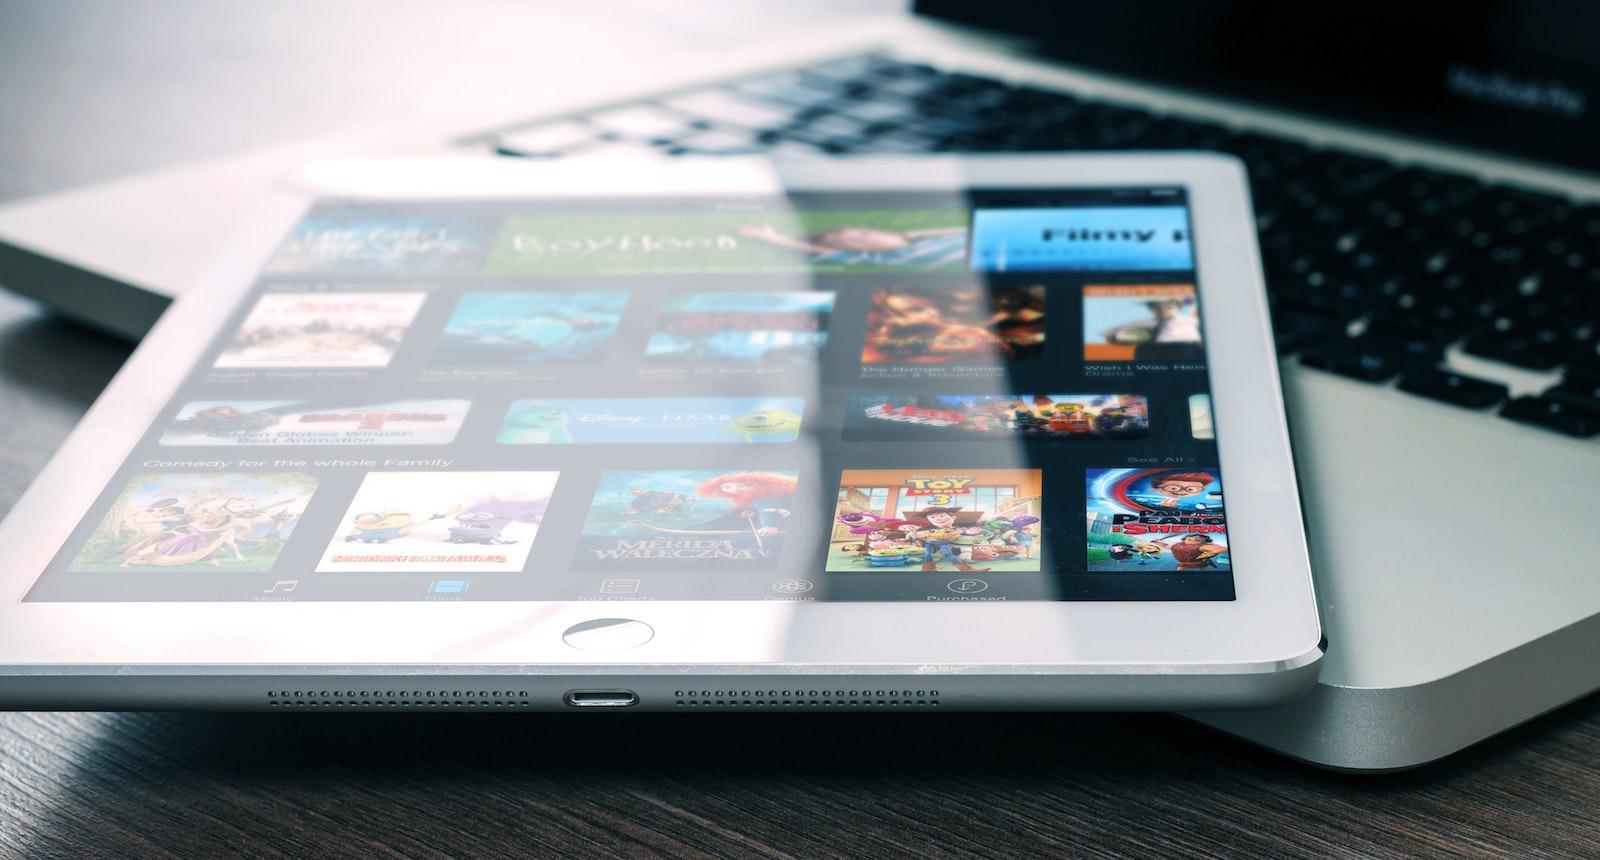 Služba StayTuned nabízí možnost publikování videa přizpůsobeného na různé platformy